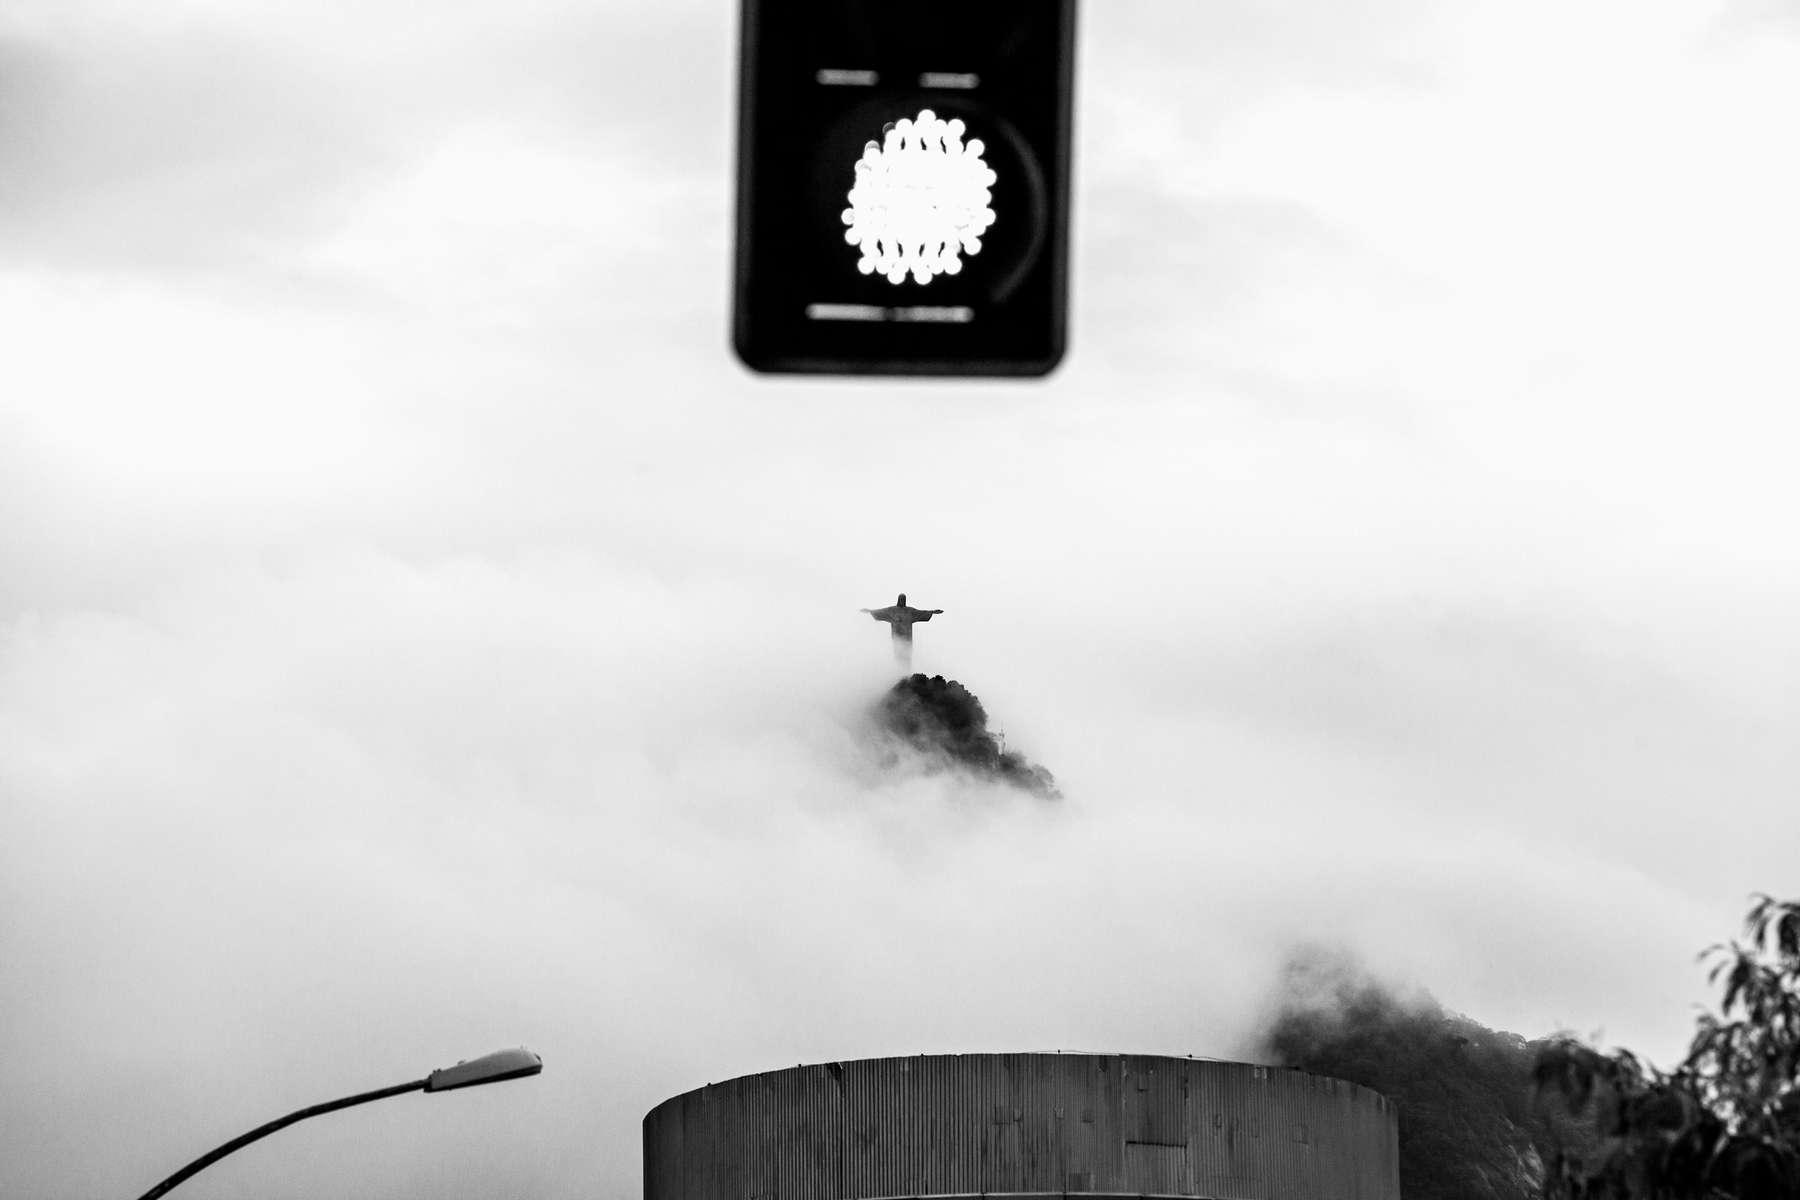 La figura del Corcovado Cristo emergiendo de la niebla de la tarde, en Río de Janeiro, Brasil, 15 de diciembre de 2011.